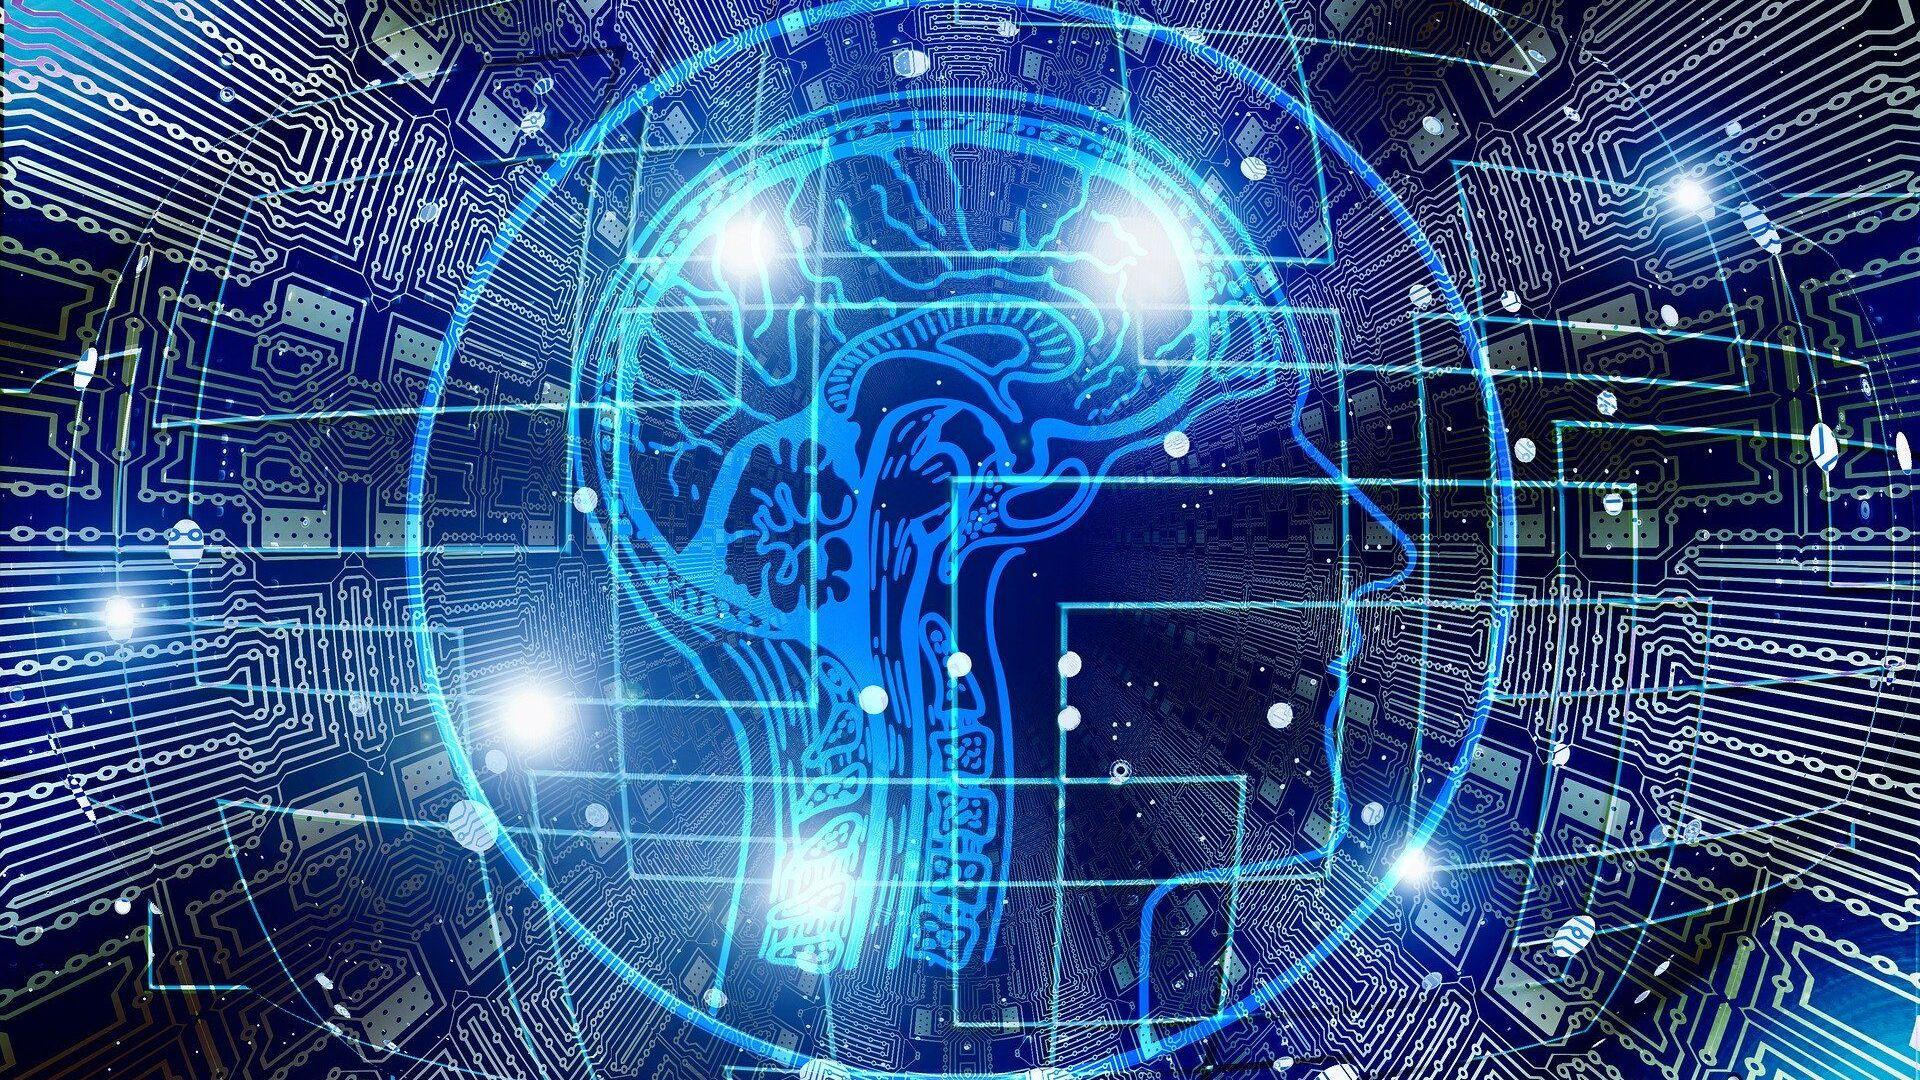 cerebro humano (imagen referencial) - Sputnik Mundo, 1920, 16.04.2021